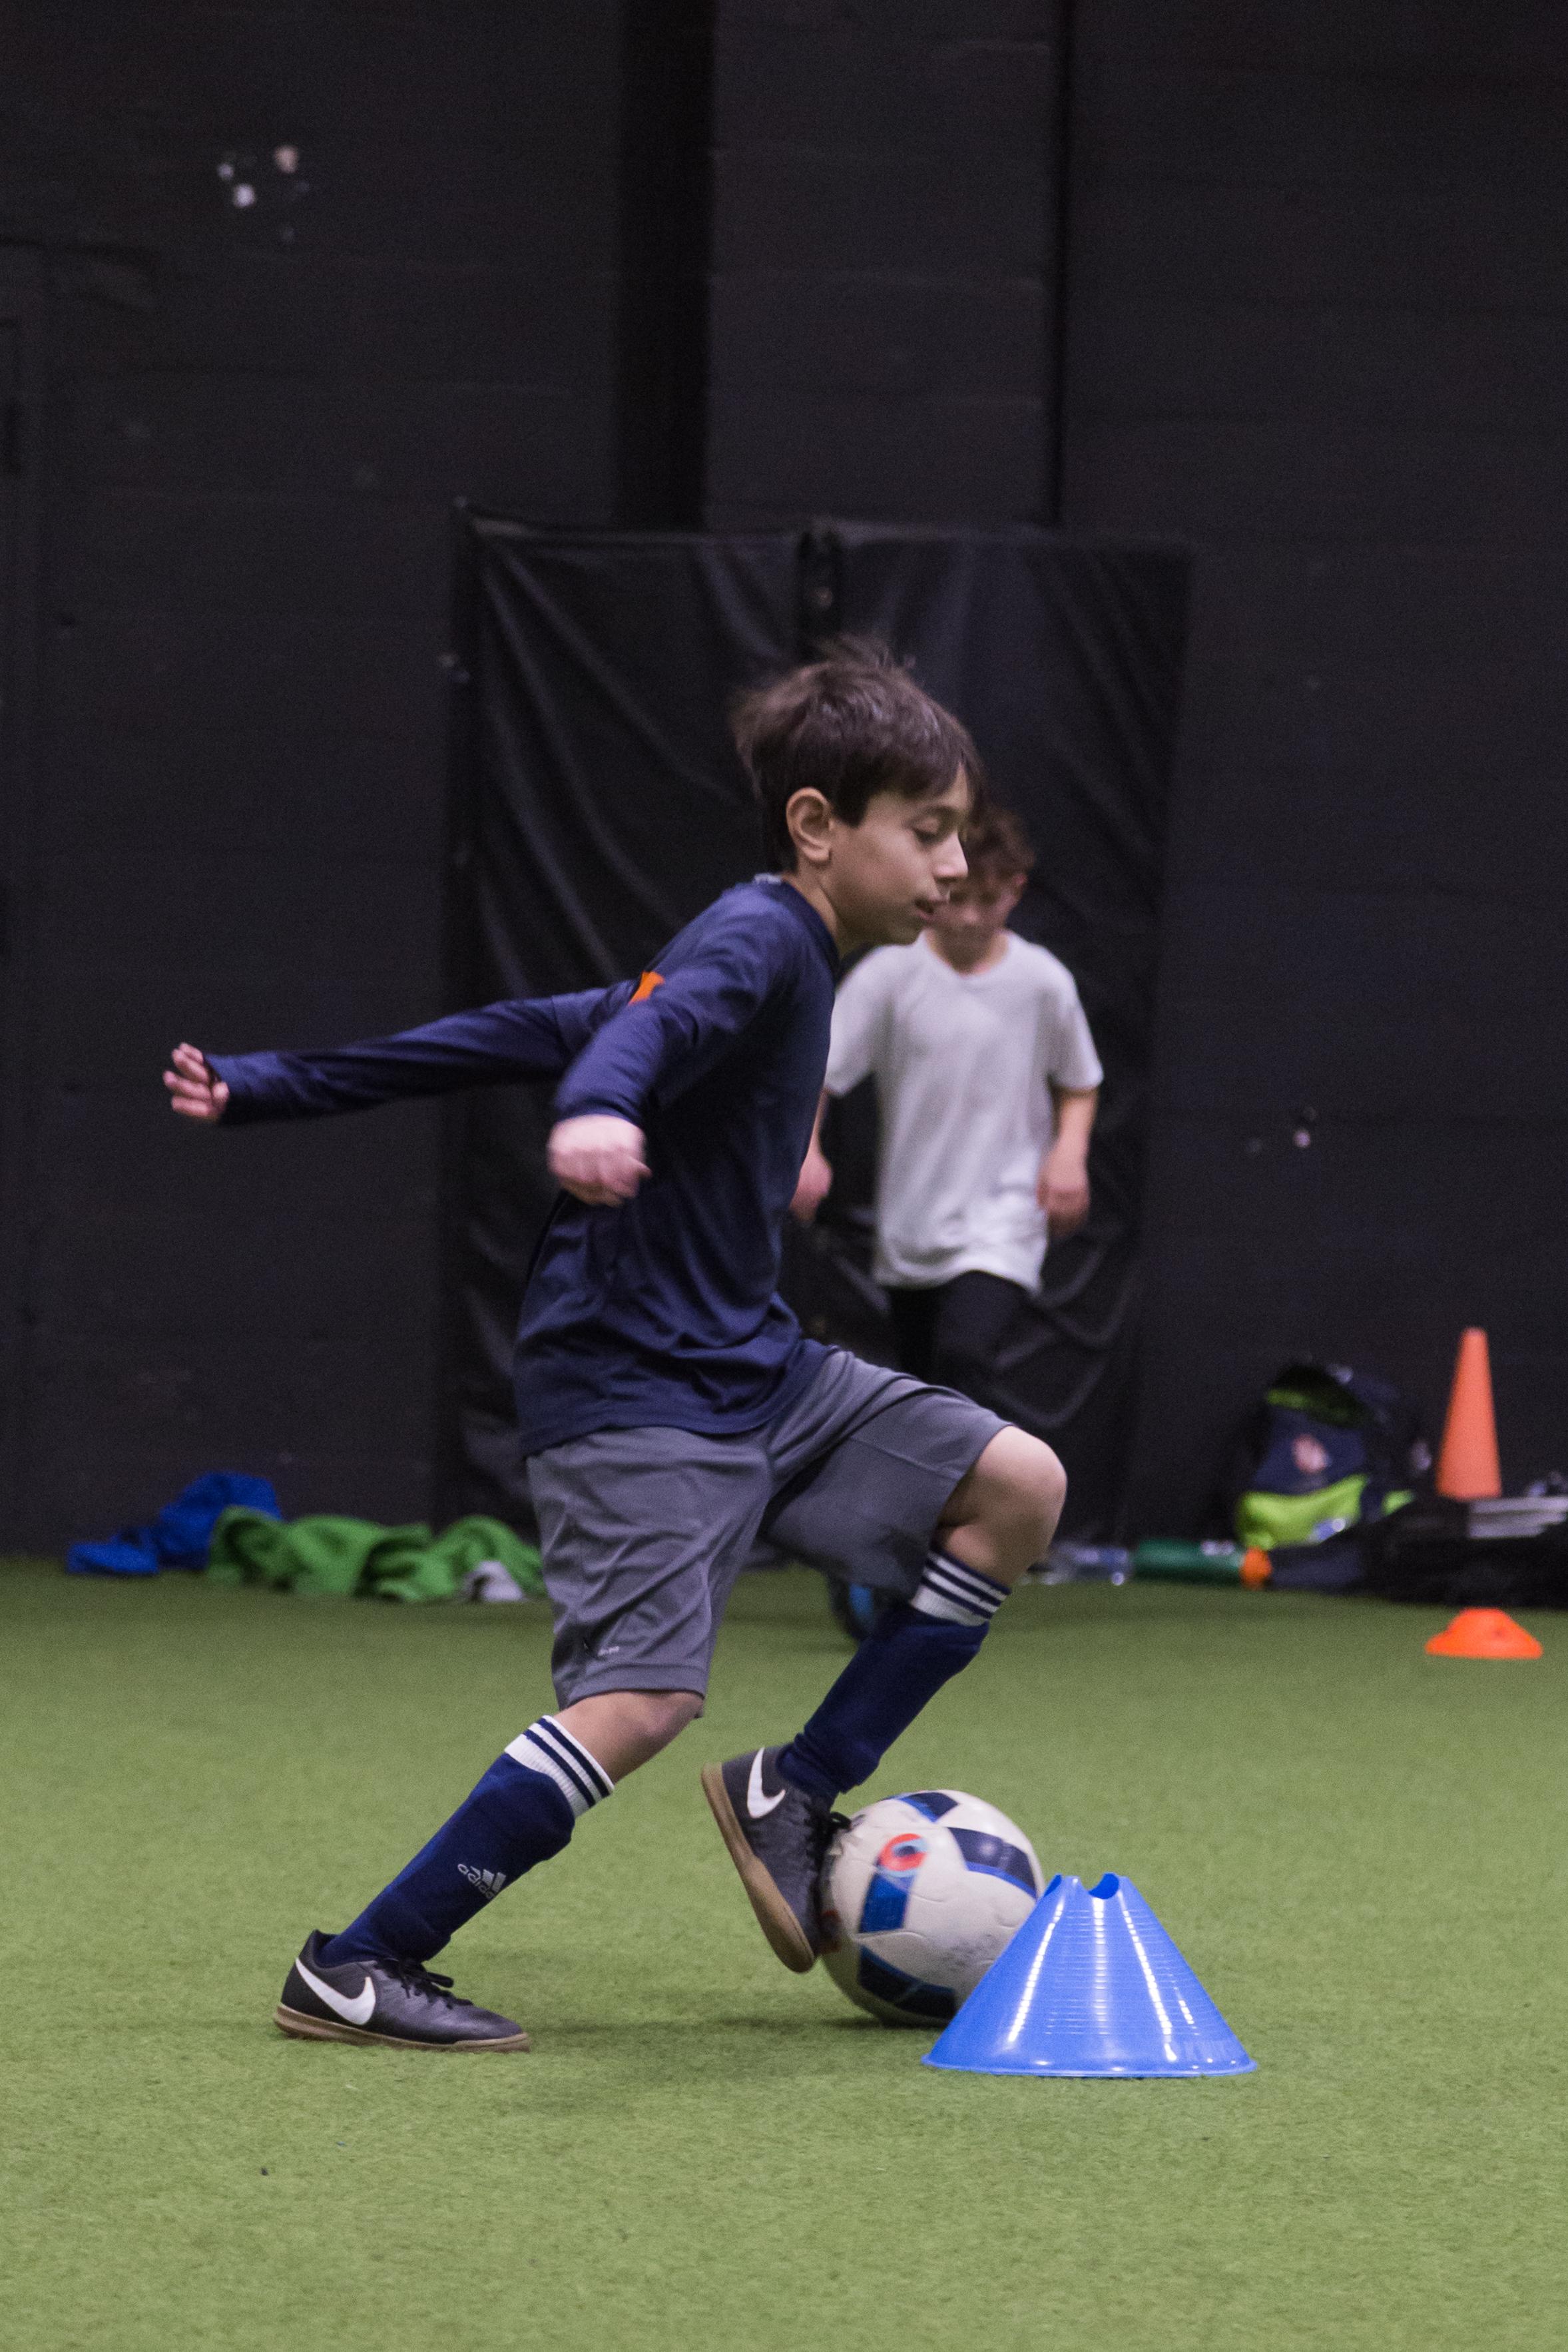 2018-01-13_Showtime_Soccer_Training-39.jpg